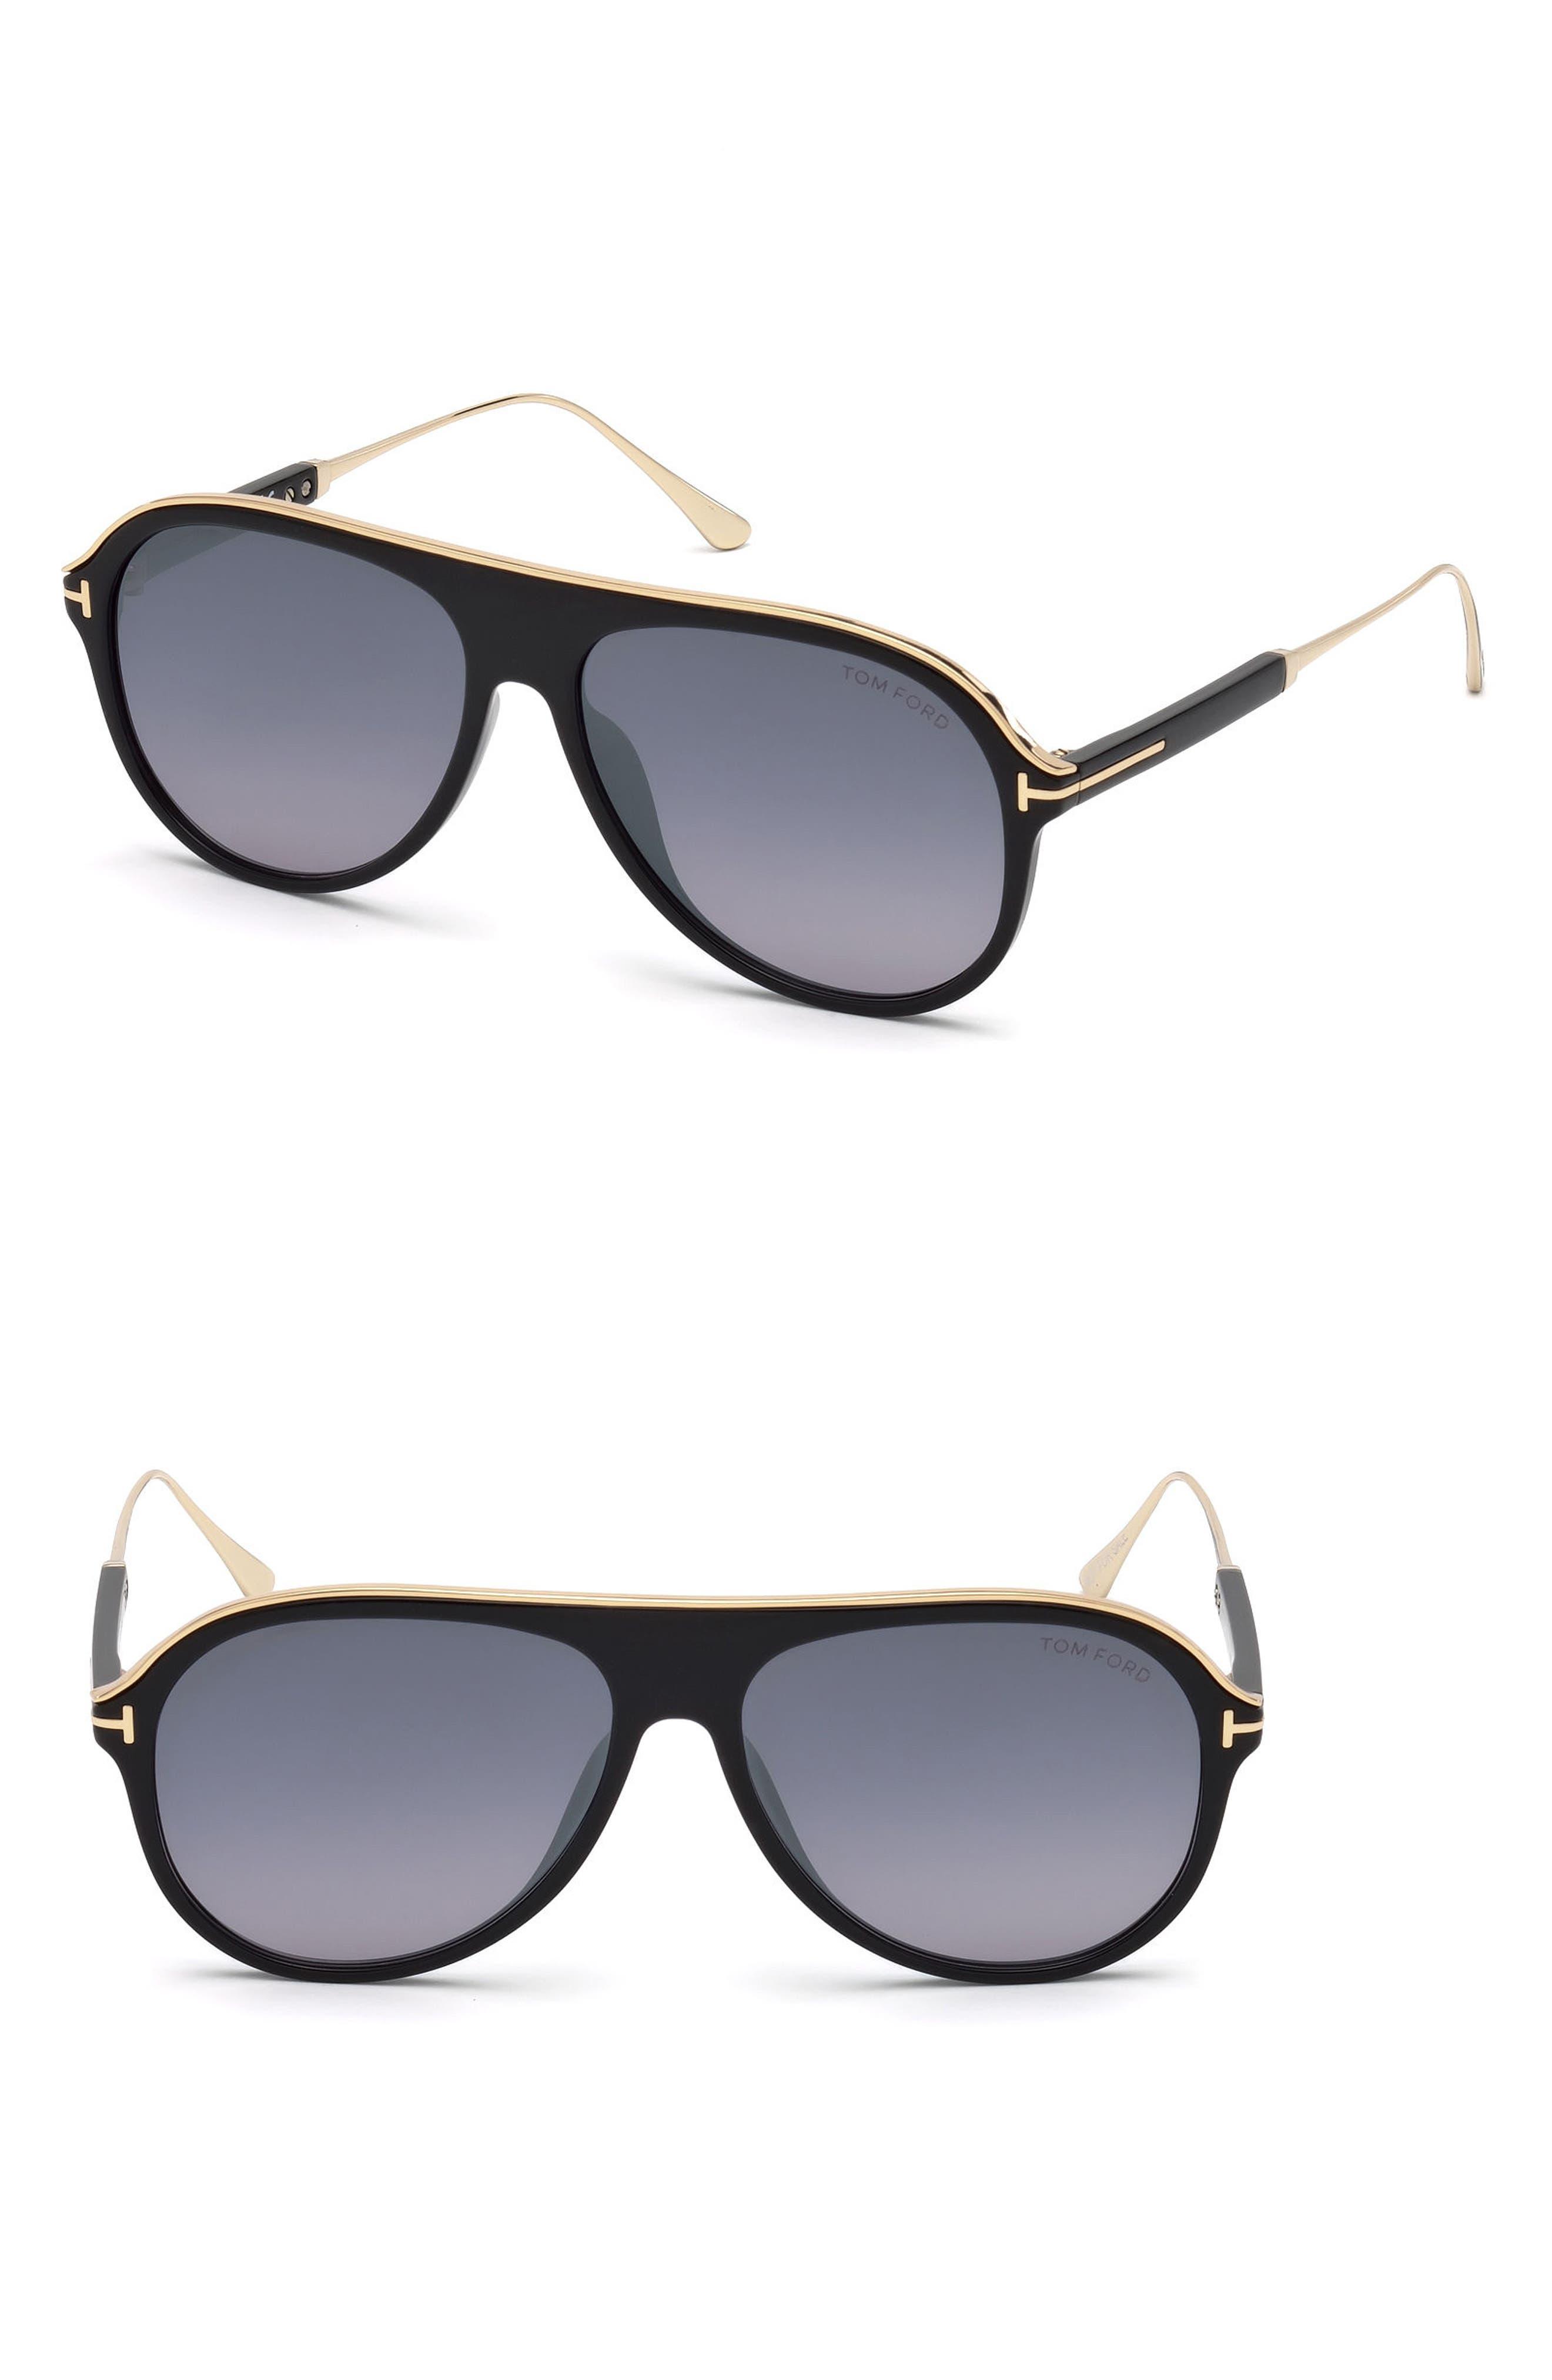 d004360e047 Men s Tom Ford Sunglasses   Eyeglasses